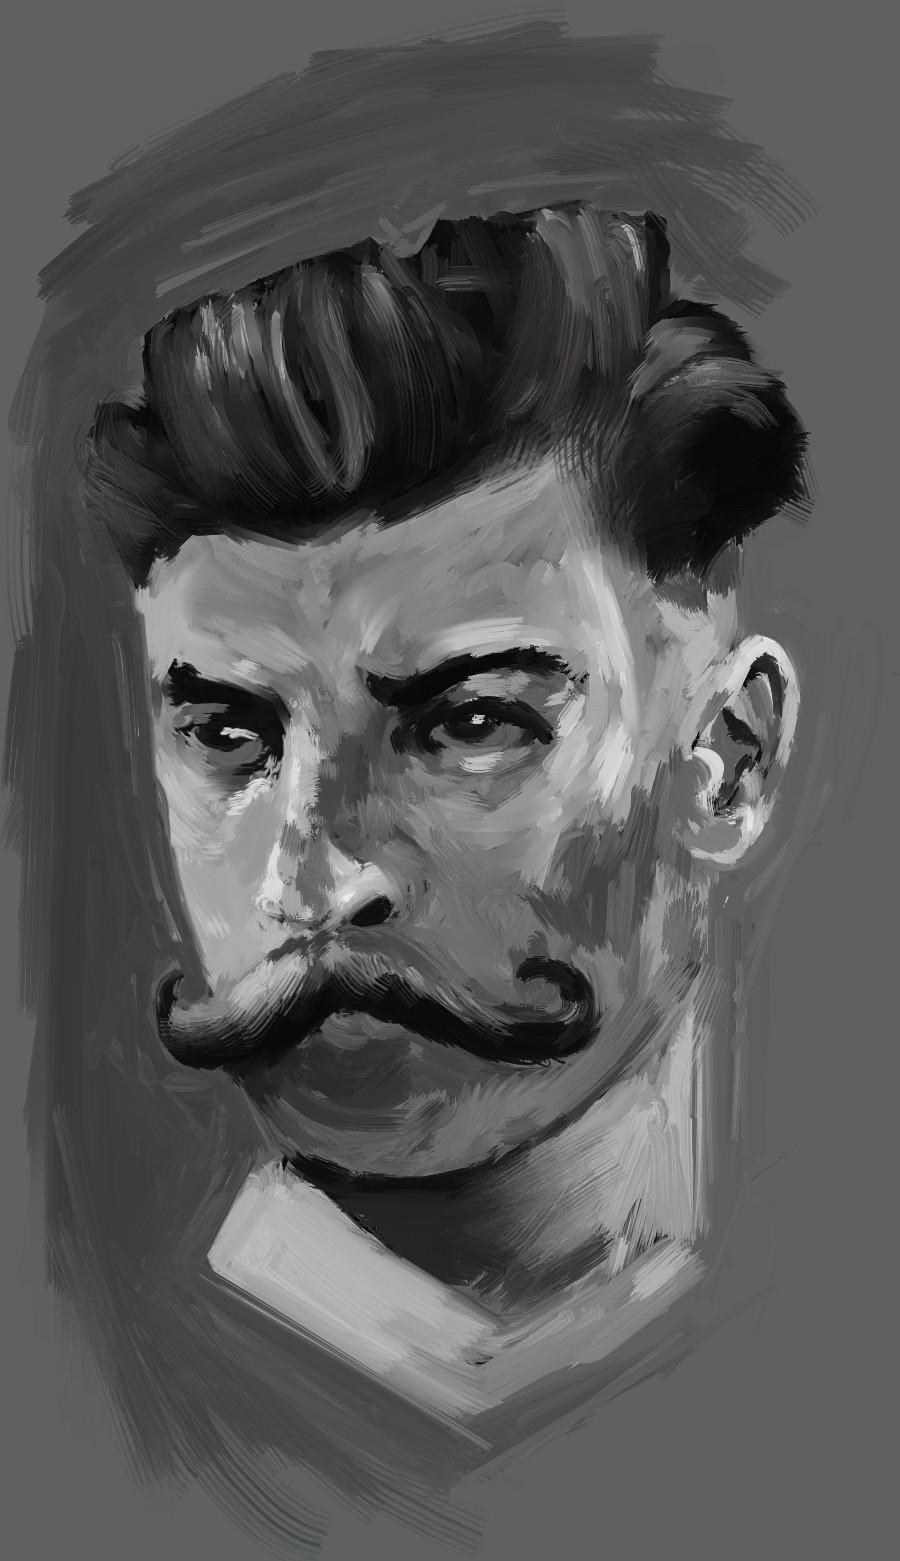 Moe murdock moustache2